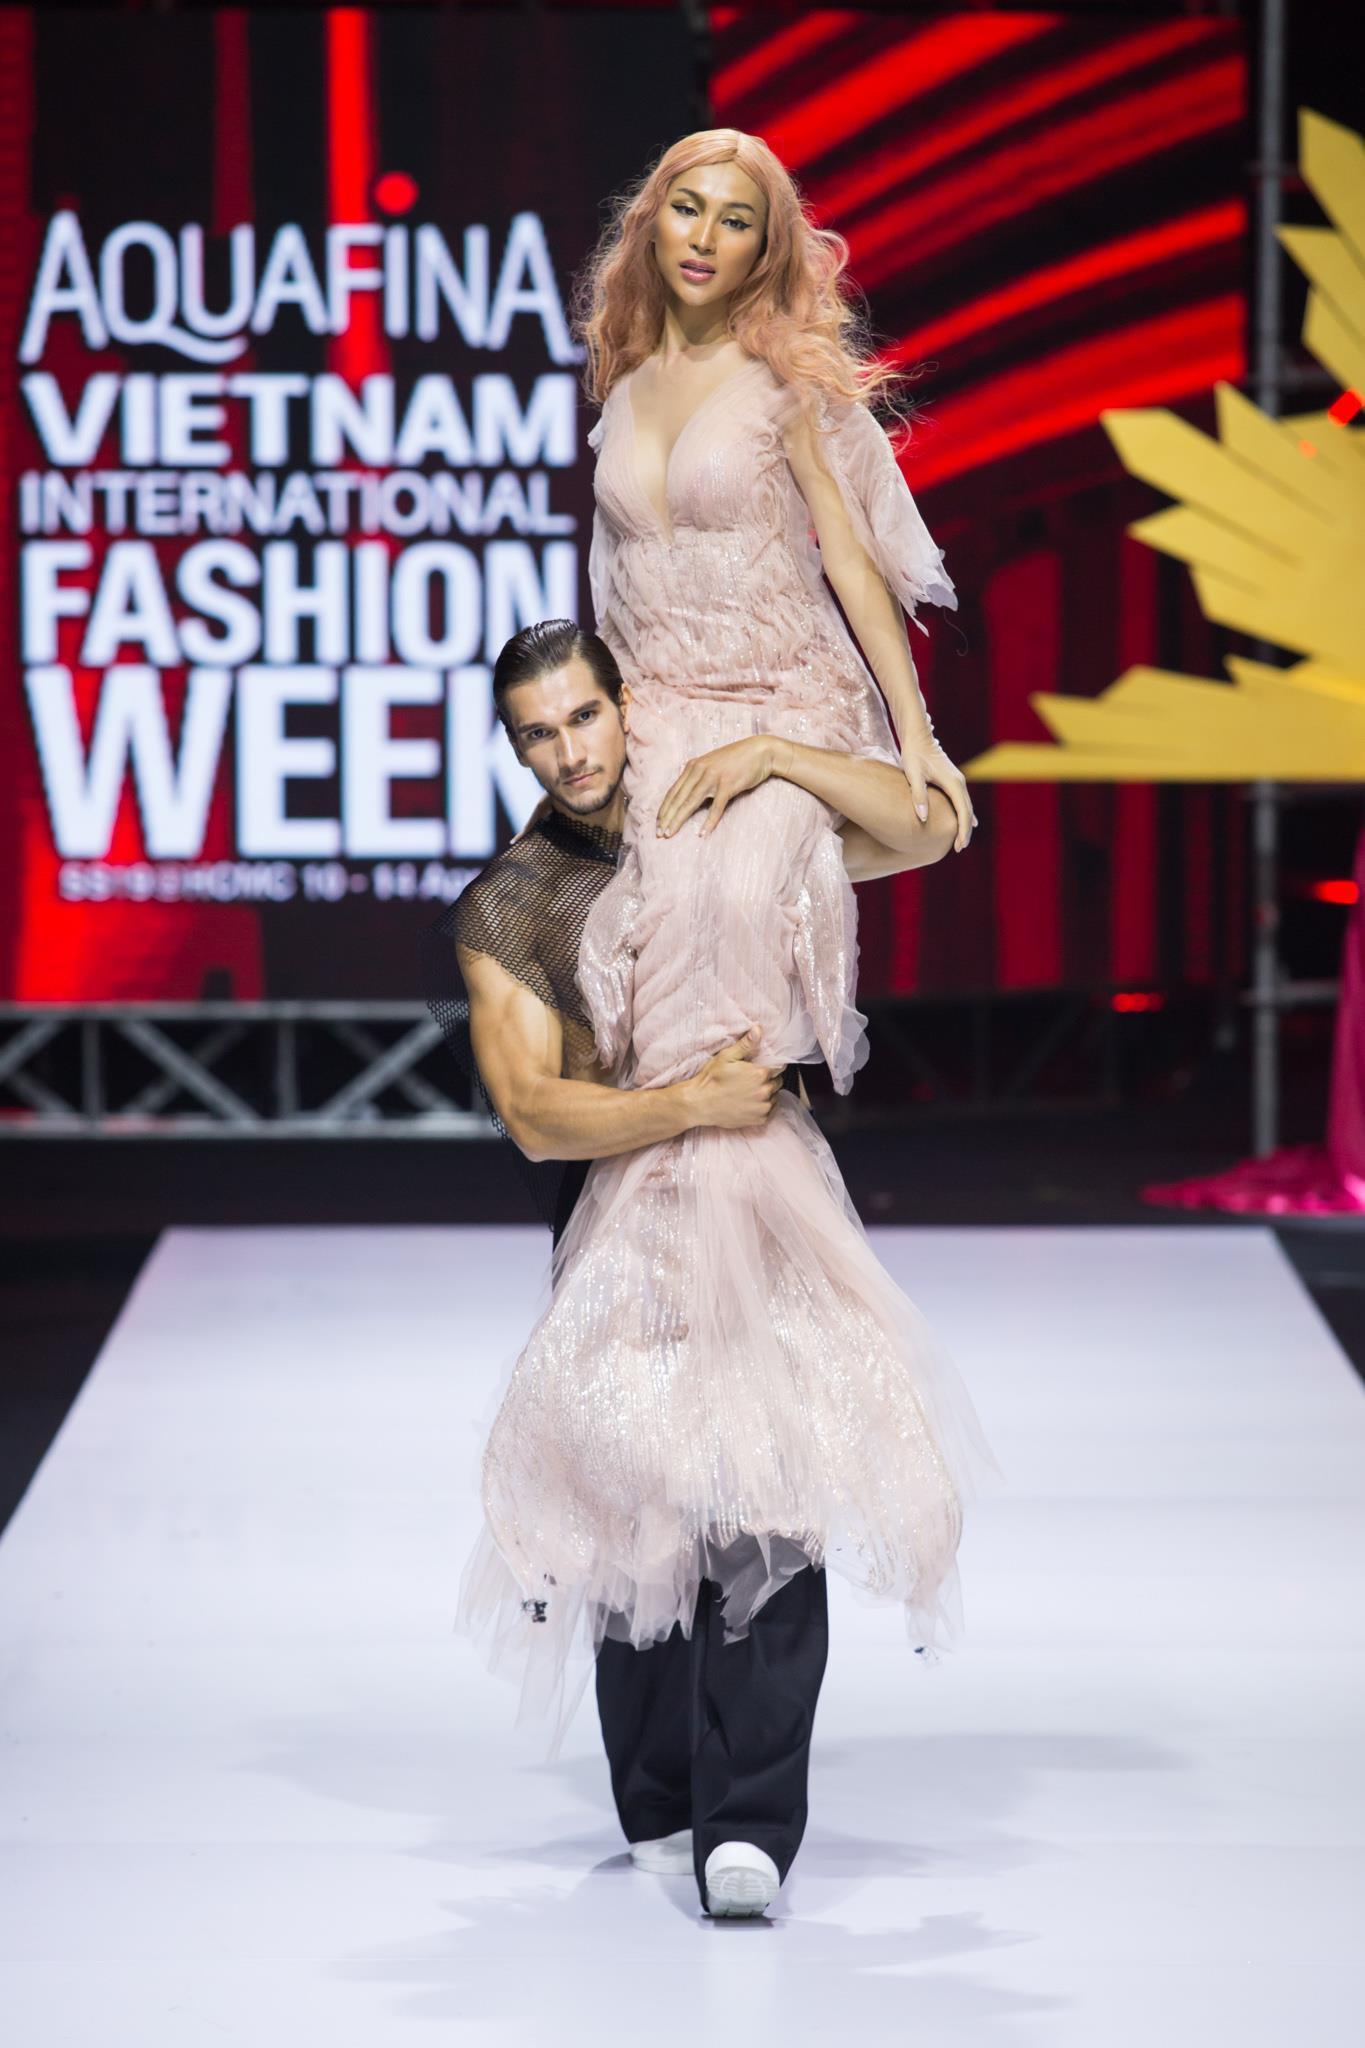 Nguyễn Tiến Truyển chinh phục sàn diễn Aquafina VIFW 2019 với BST mới Ảnh 12